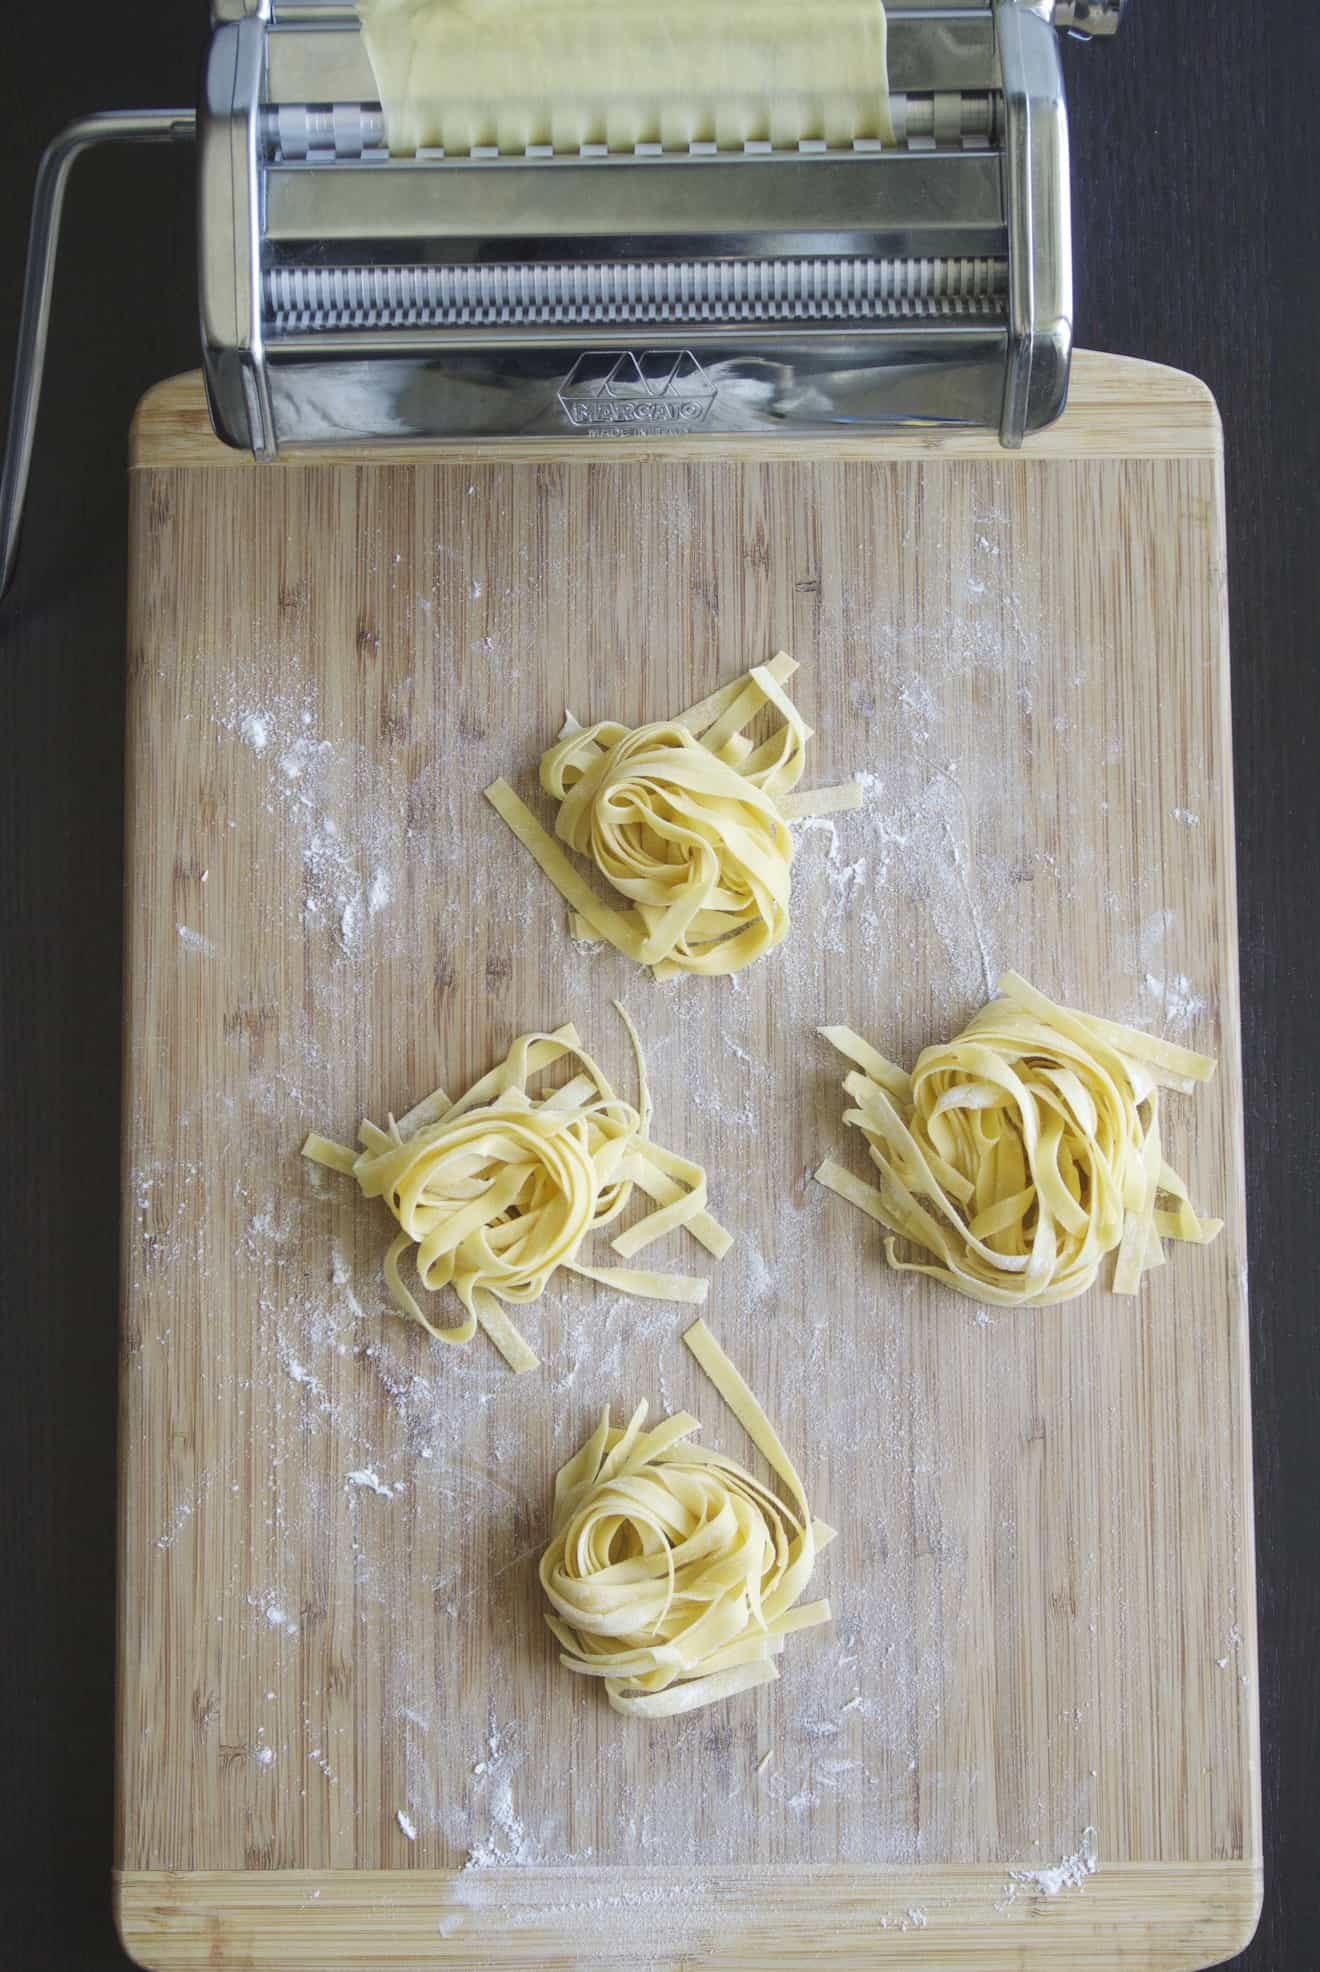 A pasta machine and homemade tagliatelle pasta